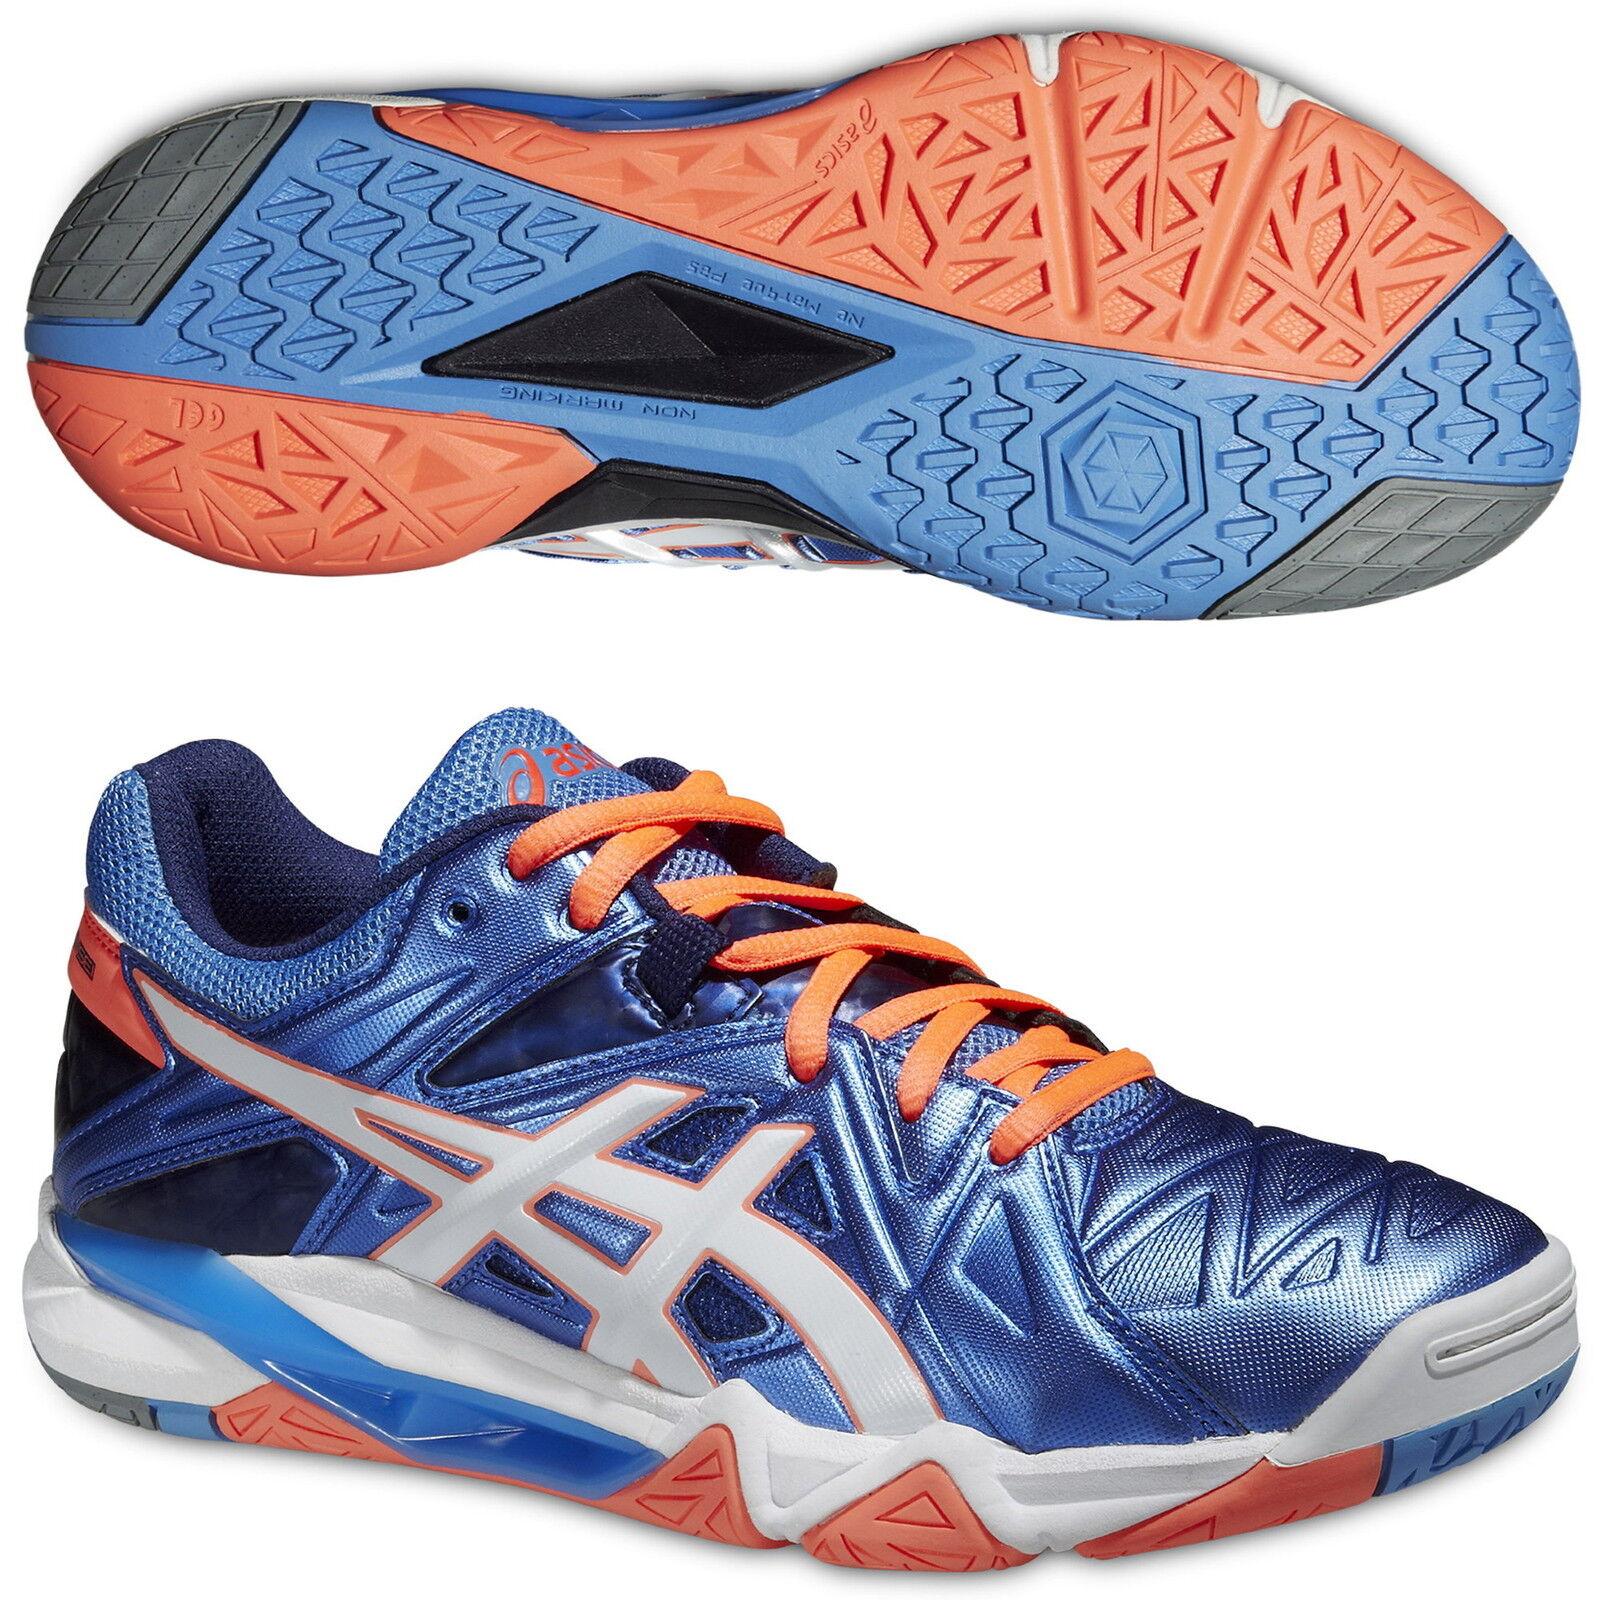 Asics GEL-SENSEI 6 Damen Hallenschuhe Volleyballschuhe  B552Y-4701 blau blau blau - Indoor  | Verschiedene Stile und Stile  | Große Auswahl  7a3cce